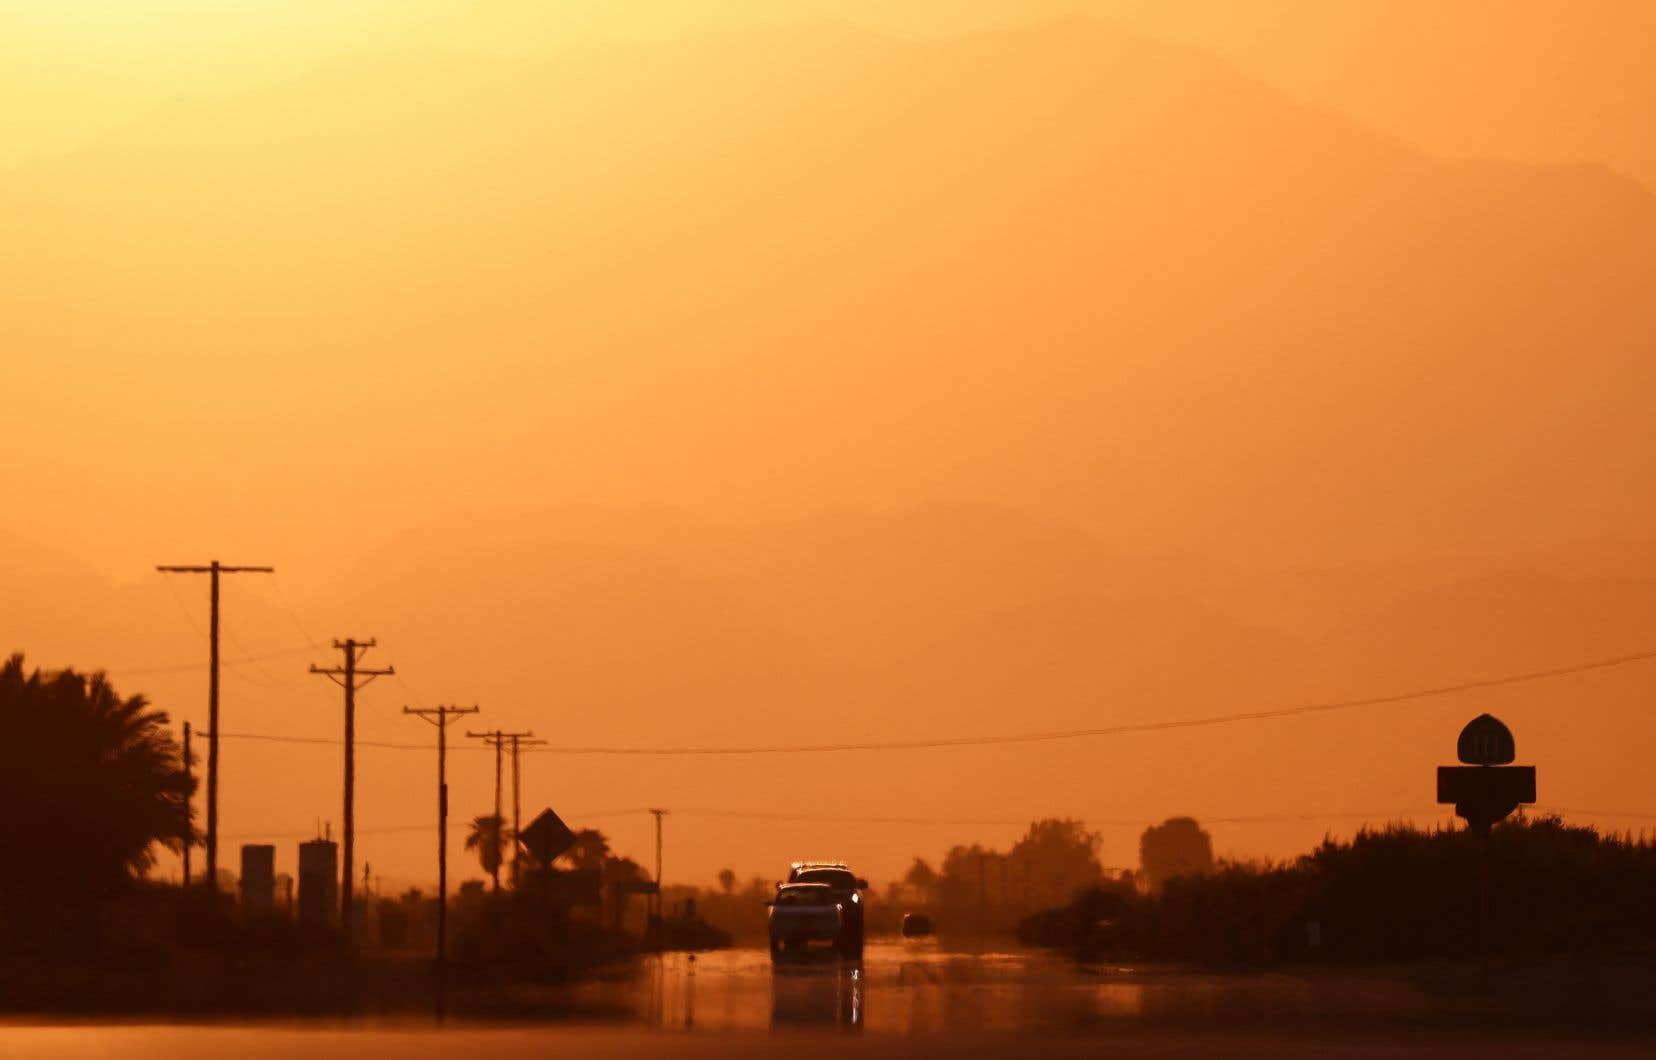 Jusqu'ici, l'activité humaine a provoqué une hausse des températures mondiale d'environ 1,1 °C, entraînant des tempêtes plus destructrices, des vagues  de chaleur  plus intenses, des sécheresses et la multiplication des feux  de forêt.